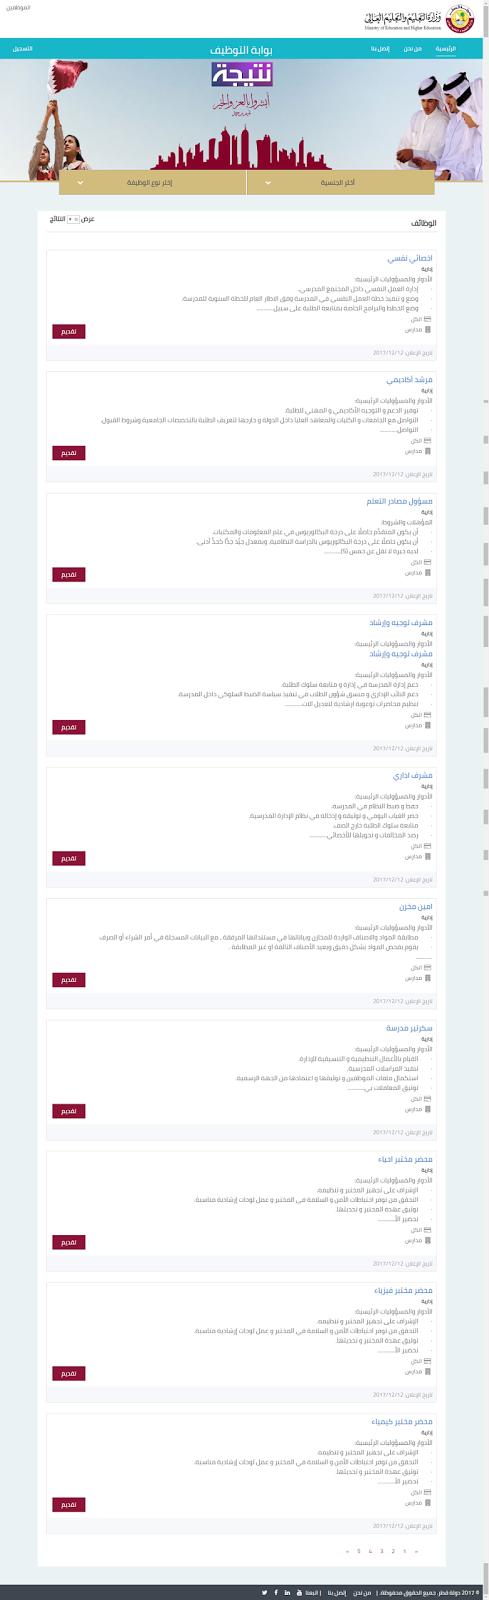 اسماء المقبولين في المجلس الاعلى للتعليم في قطر 2017 2018